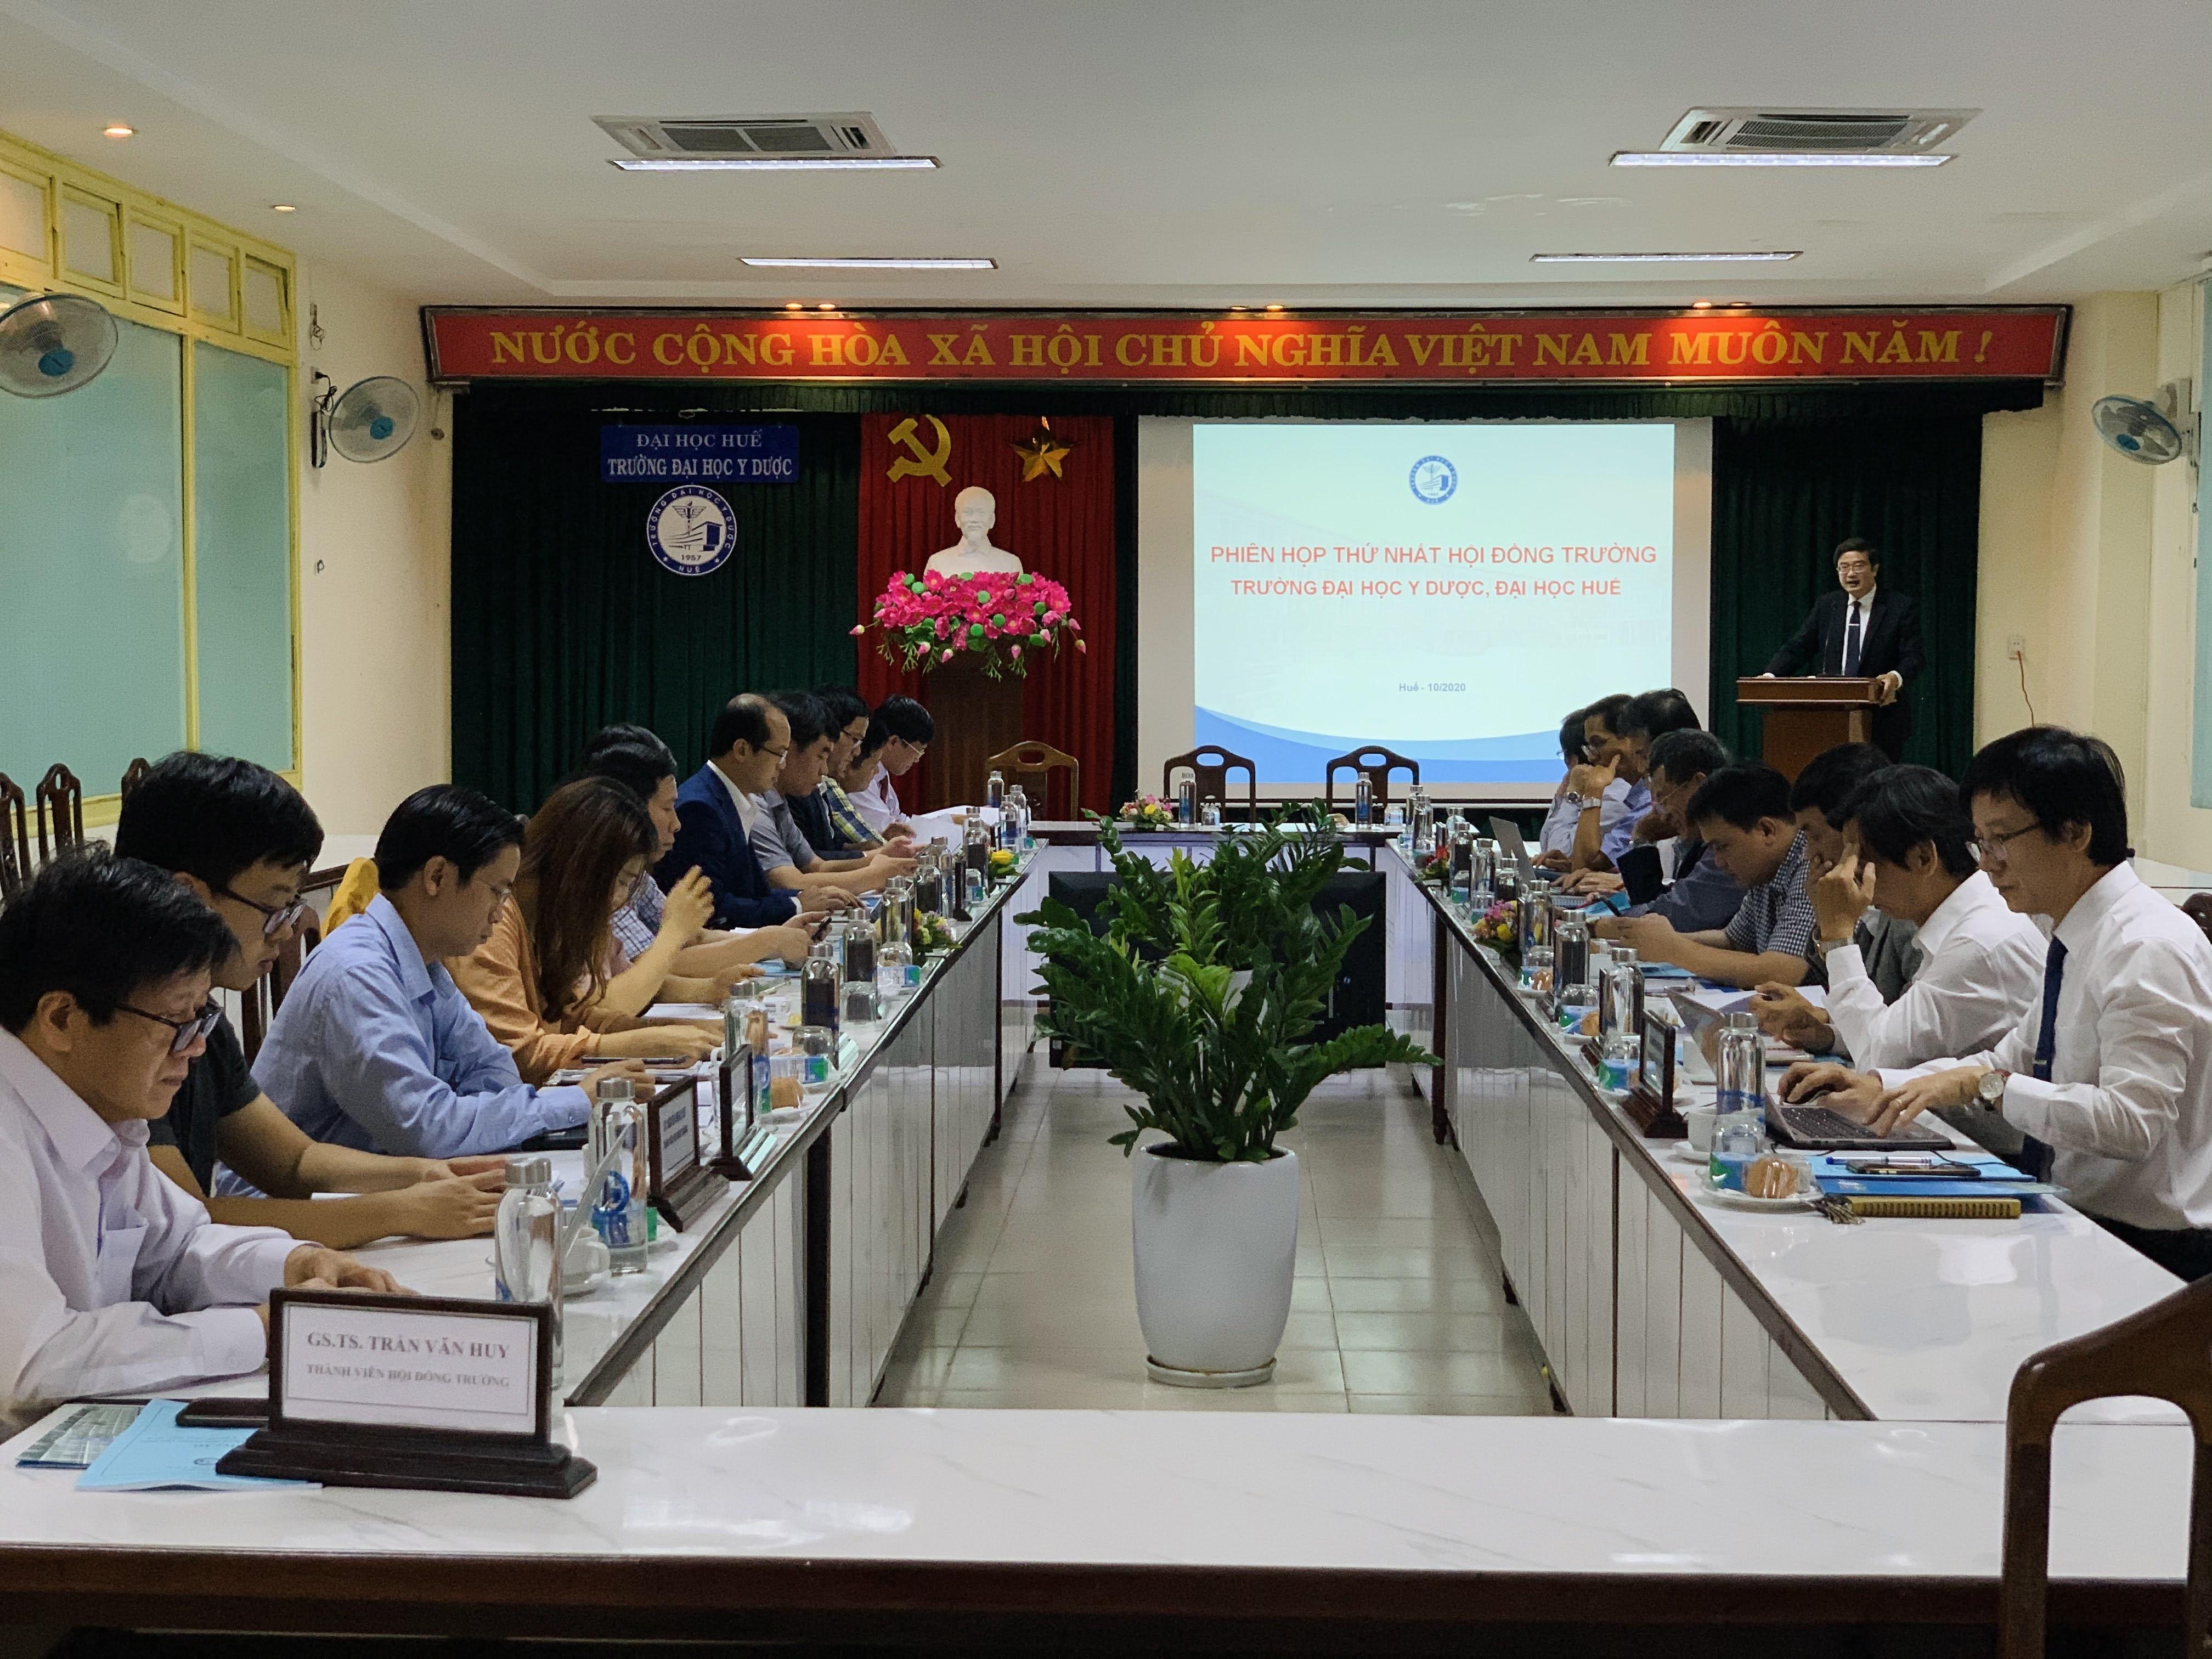 Phiên họp thứ nhất Hội đồng trường Trường Đại học Y Dược Huế nhiệm kỳ 2020-2025.